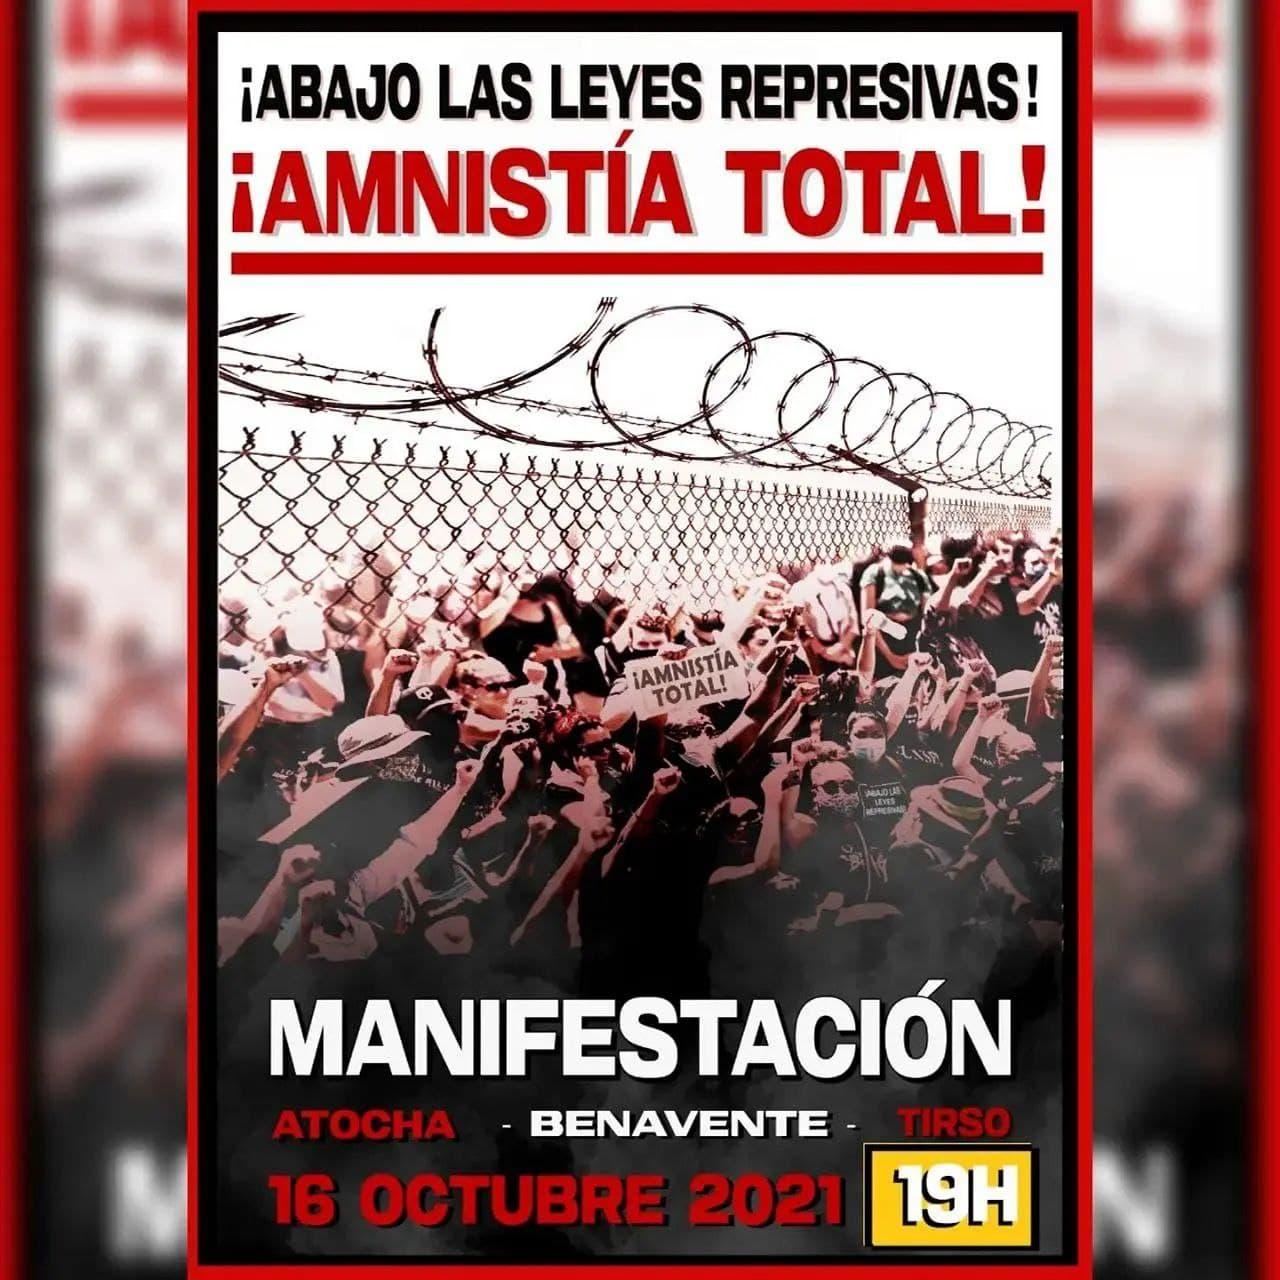 Manifestación en Madrid y poesía en Zaragoza por la Amnistía total y la Absolución.